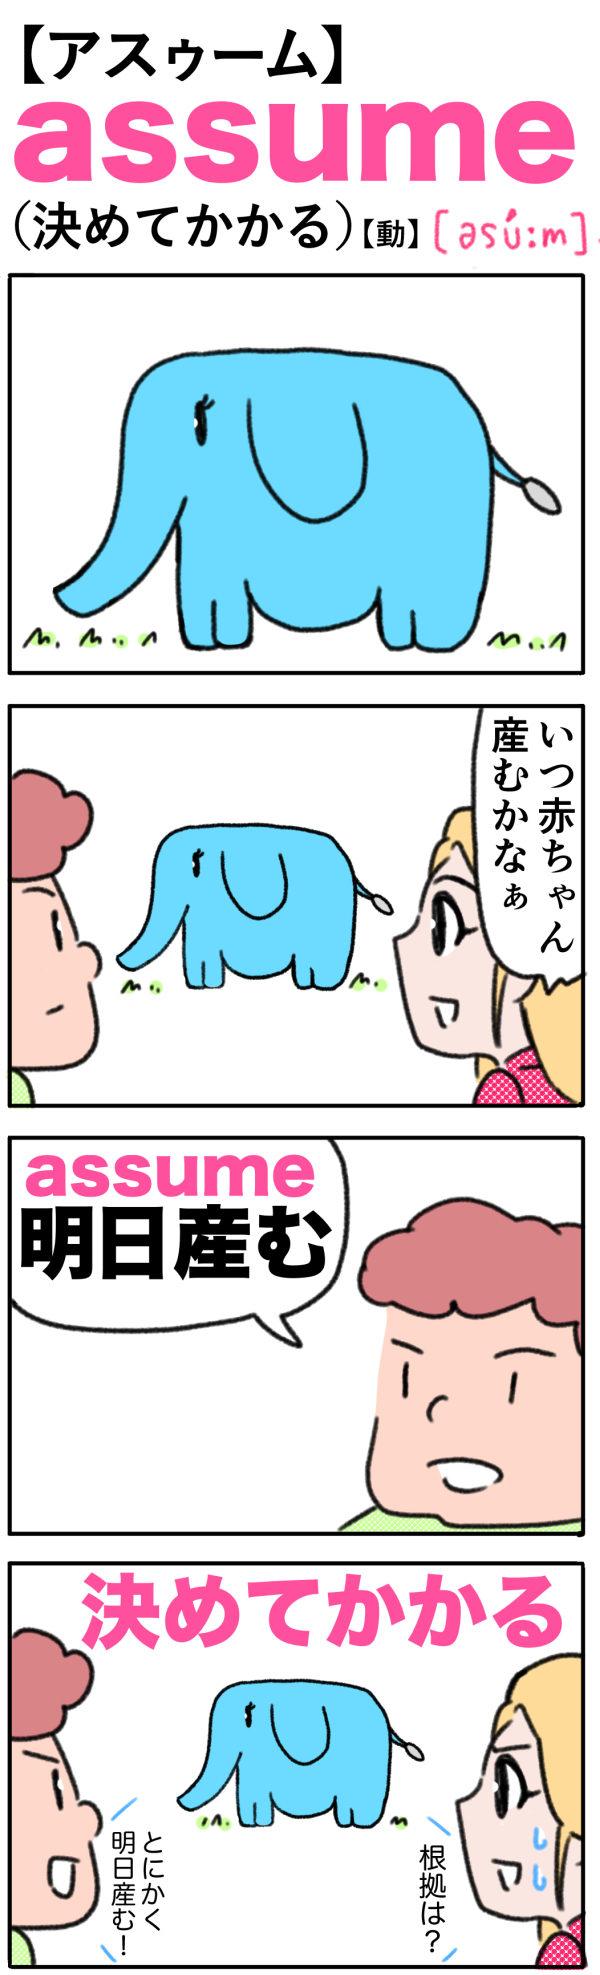 assume(決めてかかる)の語呂合わせ英単語